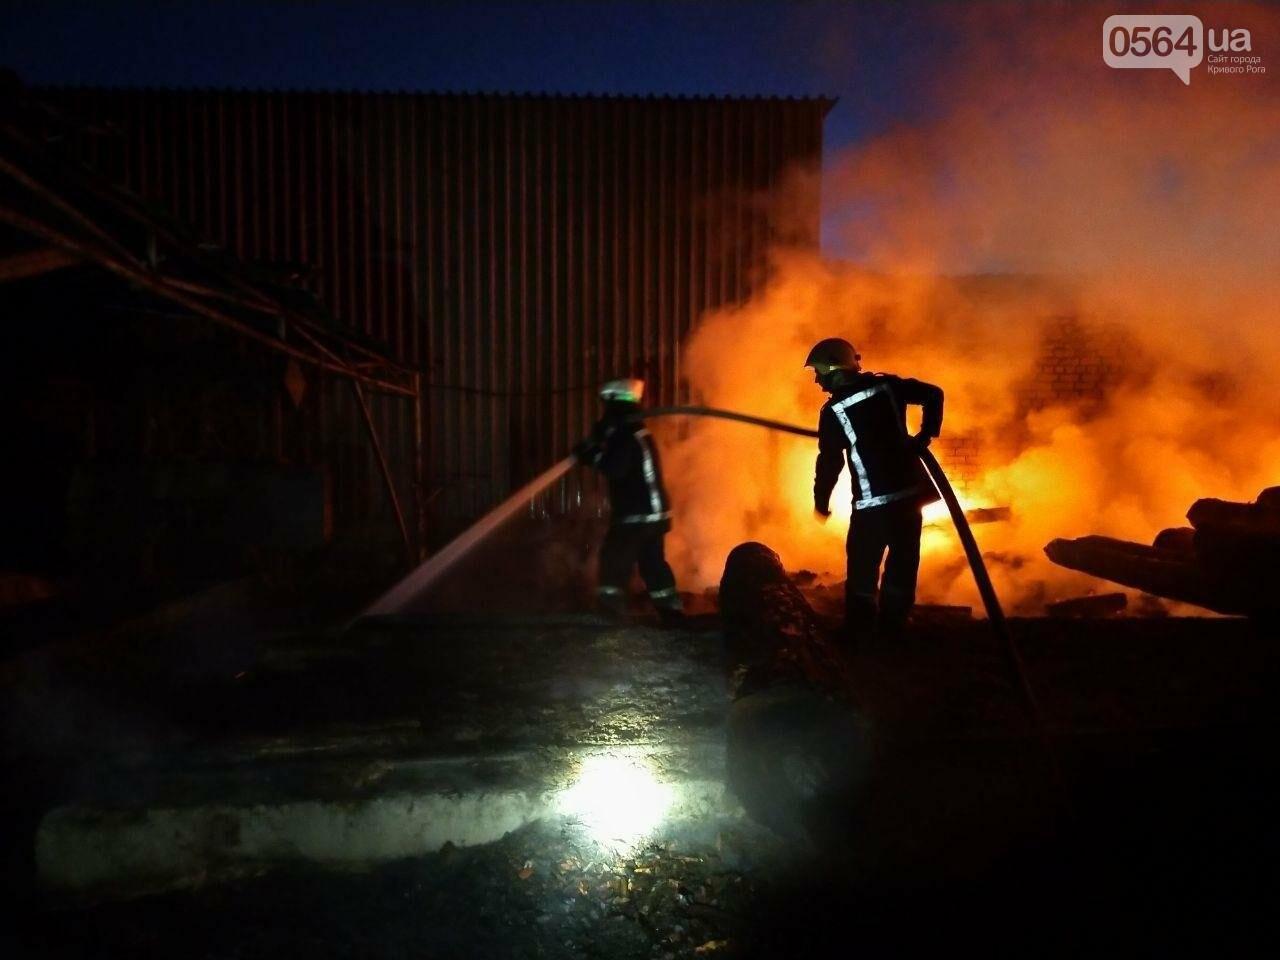 На деревообрабатывающем предприятии Кривого Рога огонь уничтожил несколько сотен квадратных метров бруса, - ФОТО, ВИДЕО, фото-1